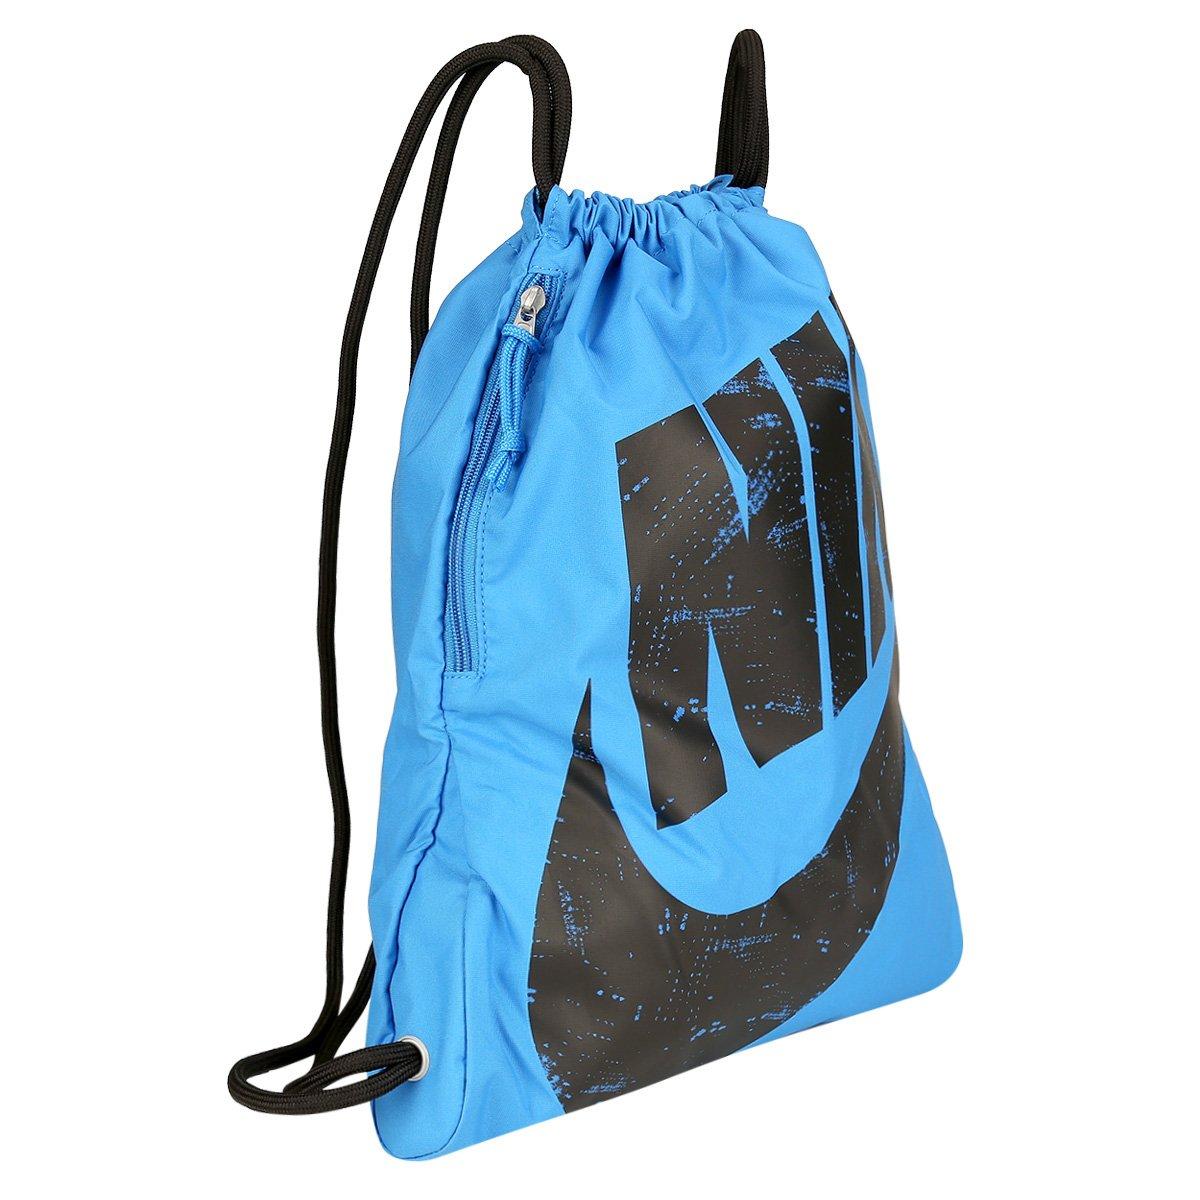 Sacola Nike Heritage Gymsack  Sacola Nike Heritage Gymsack ... 18fb59bdd9247